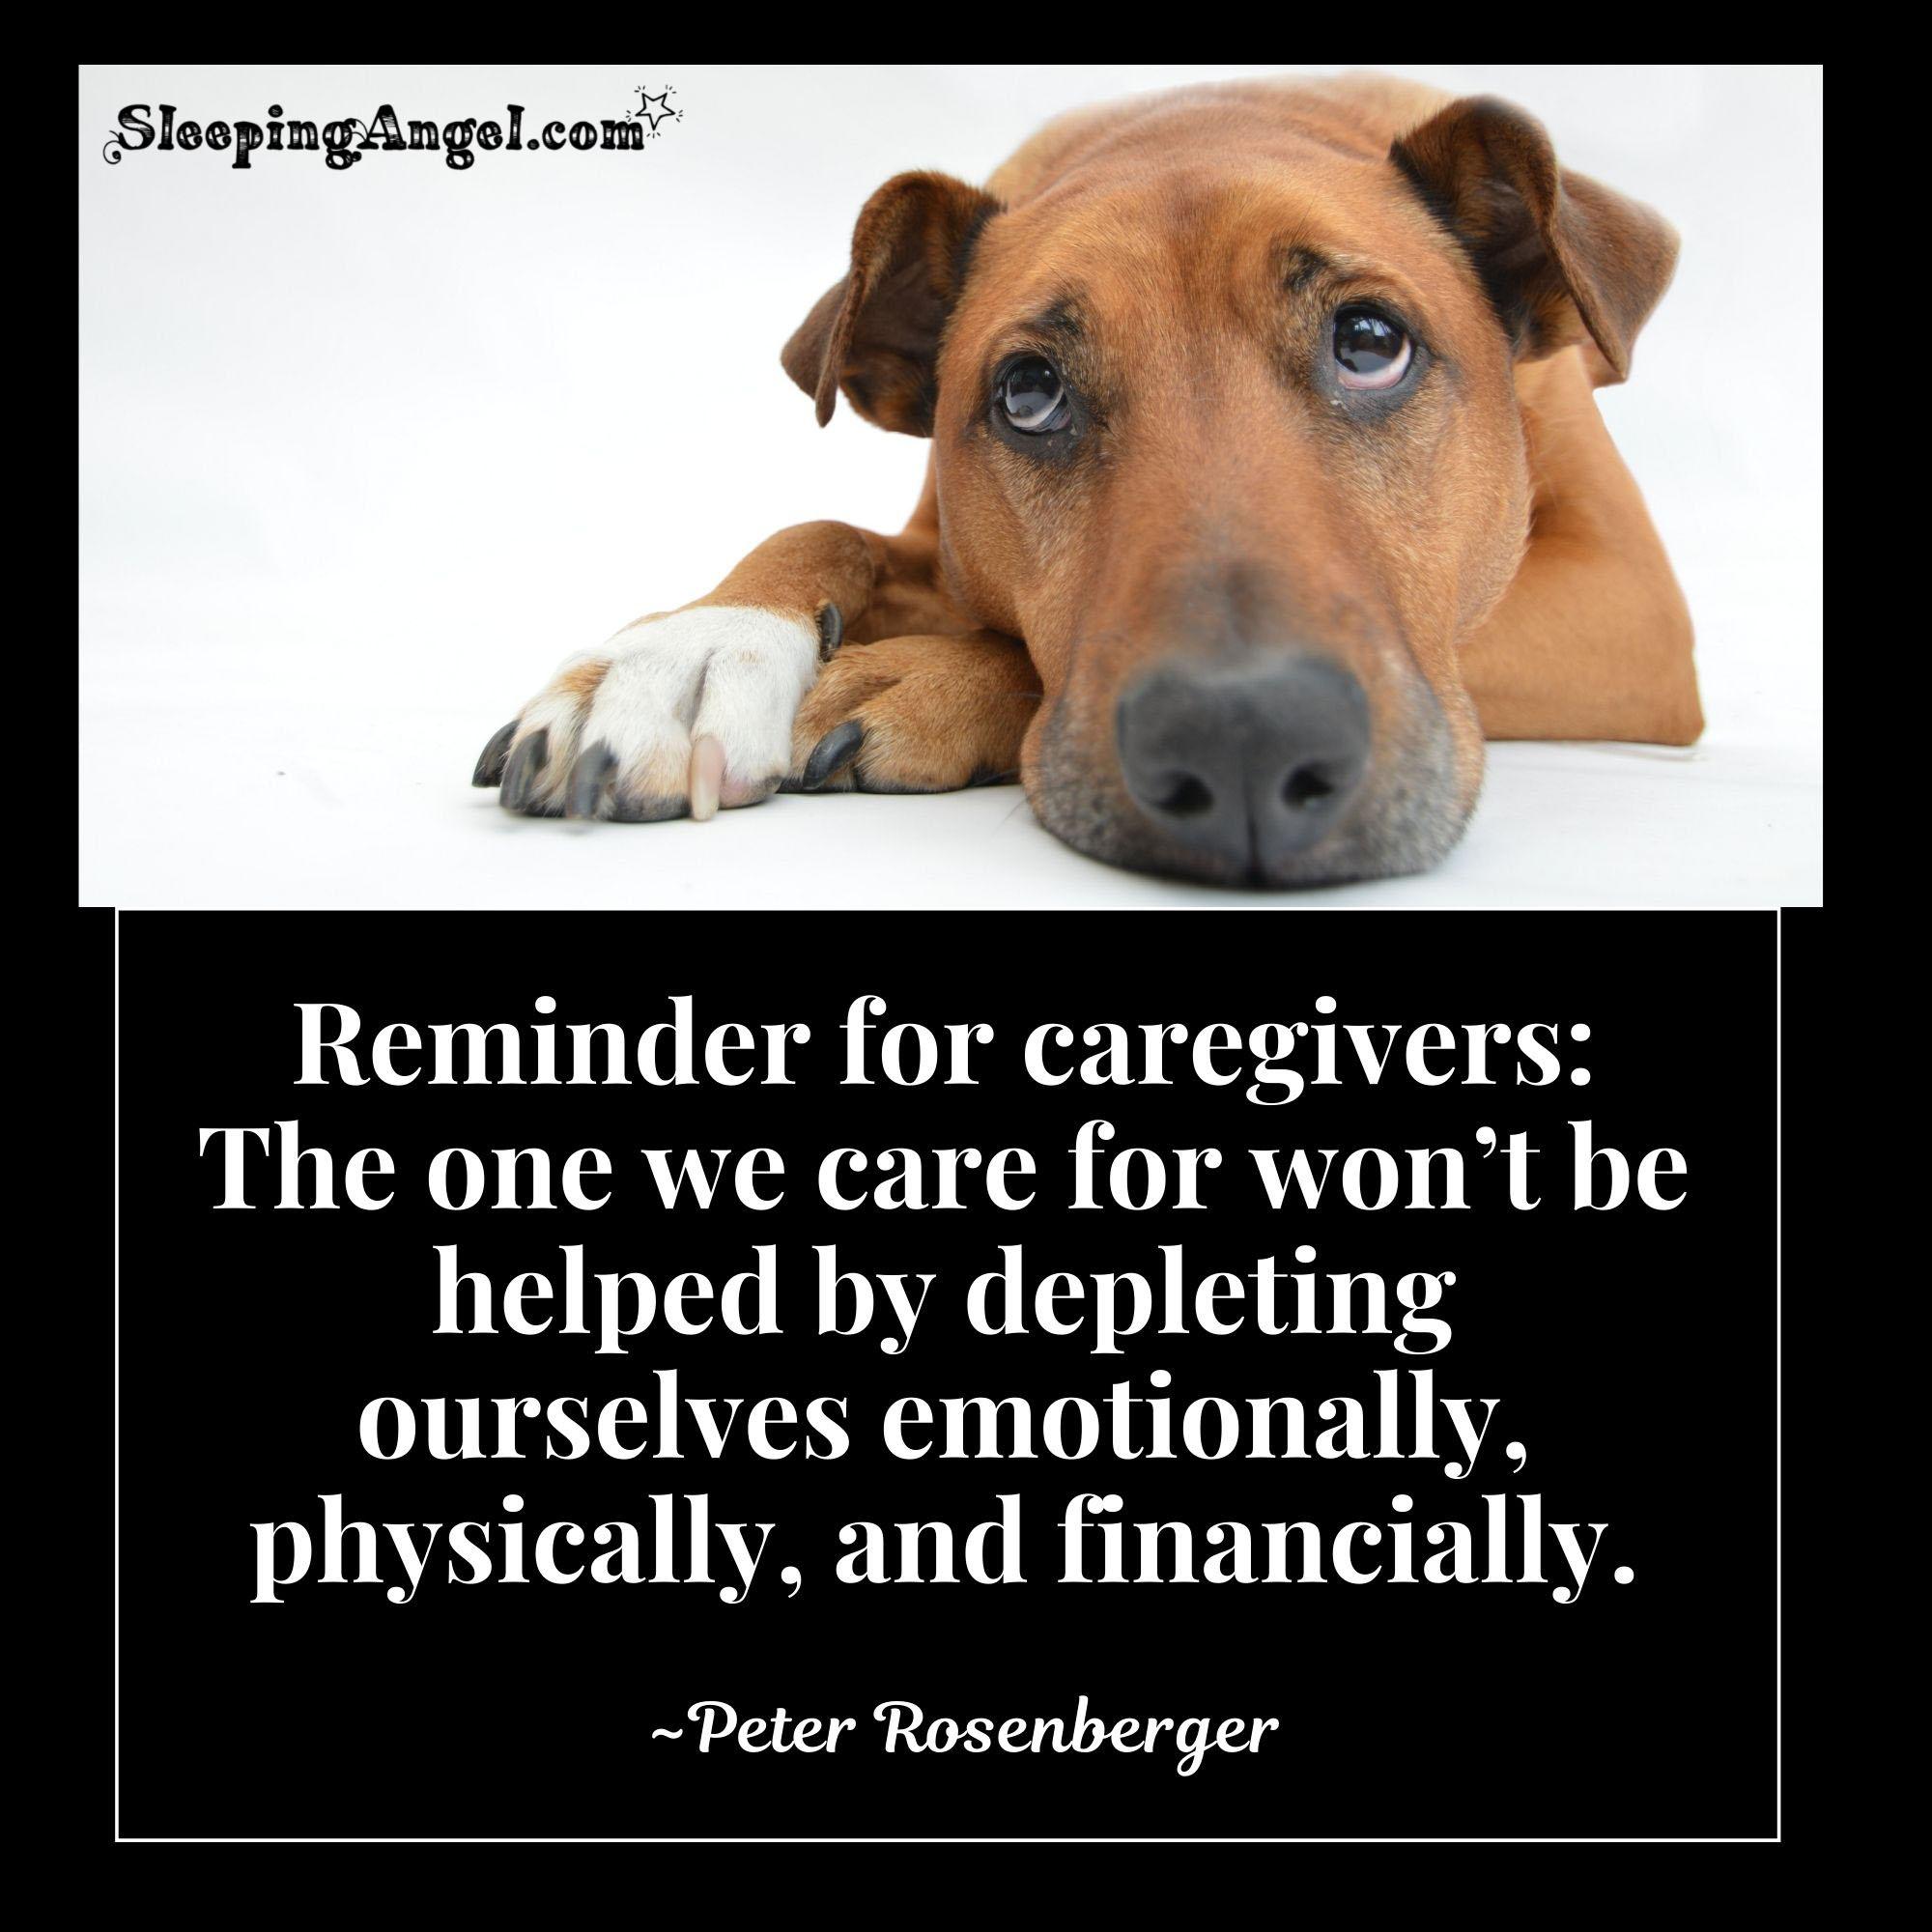 Caregivers Quote